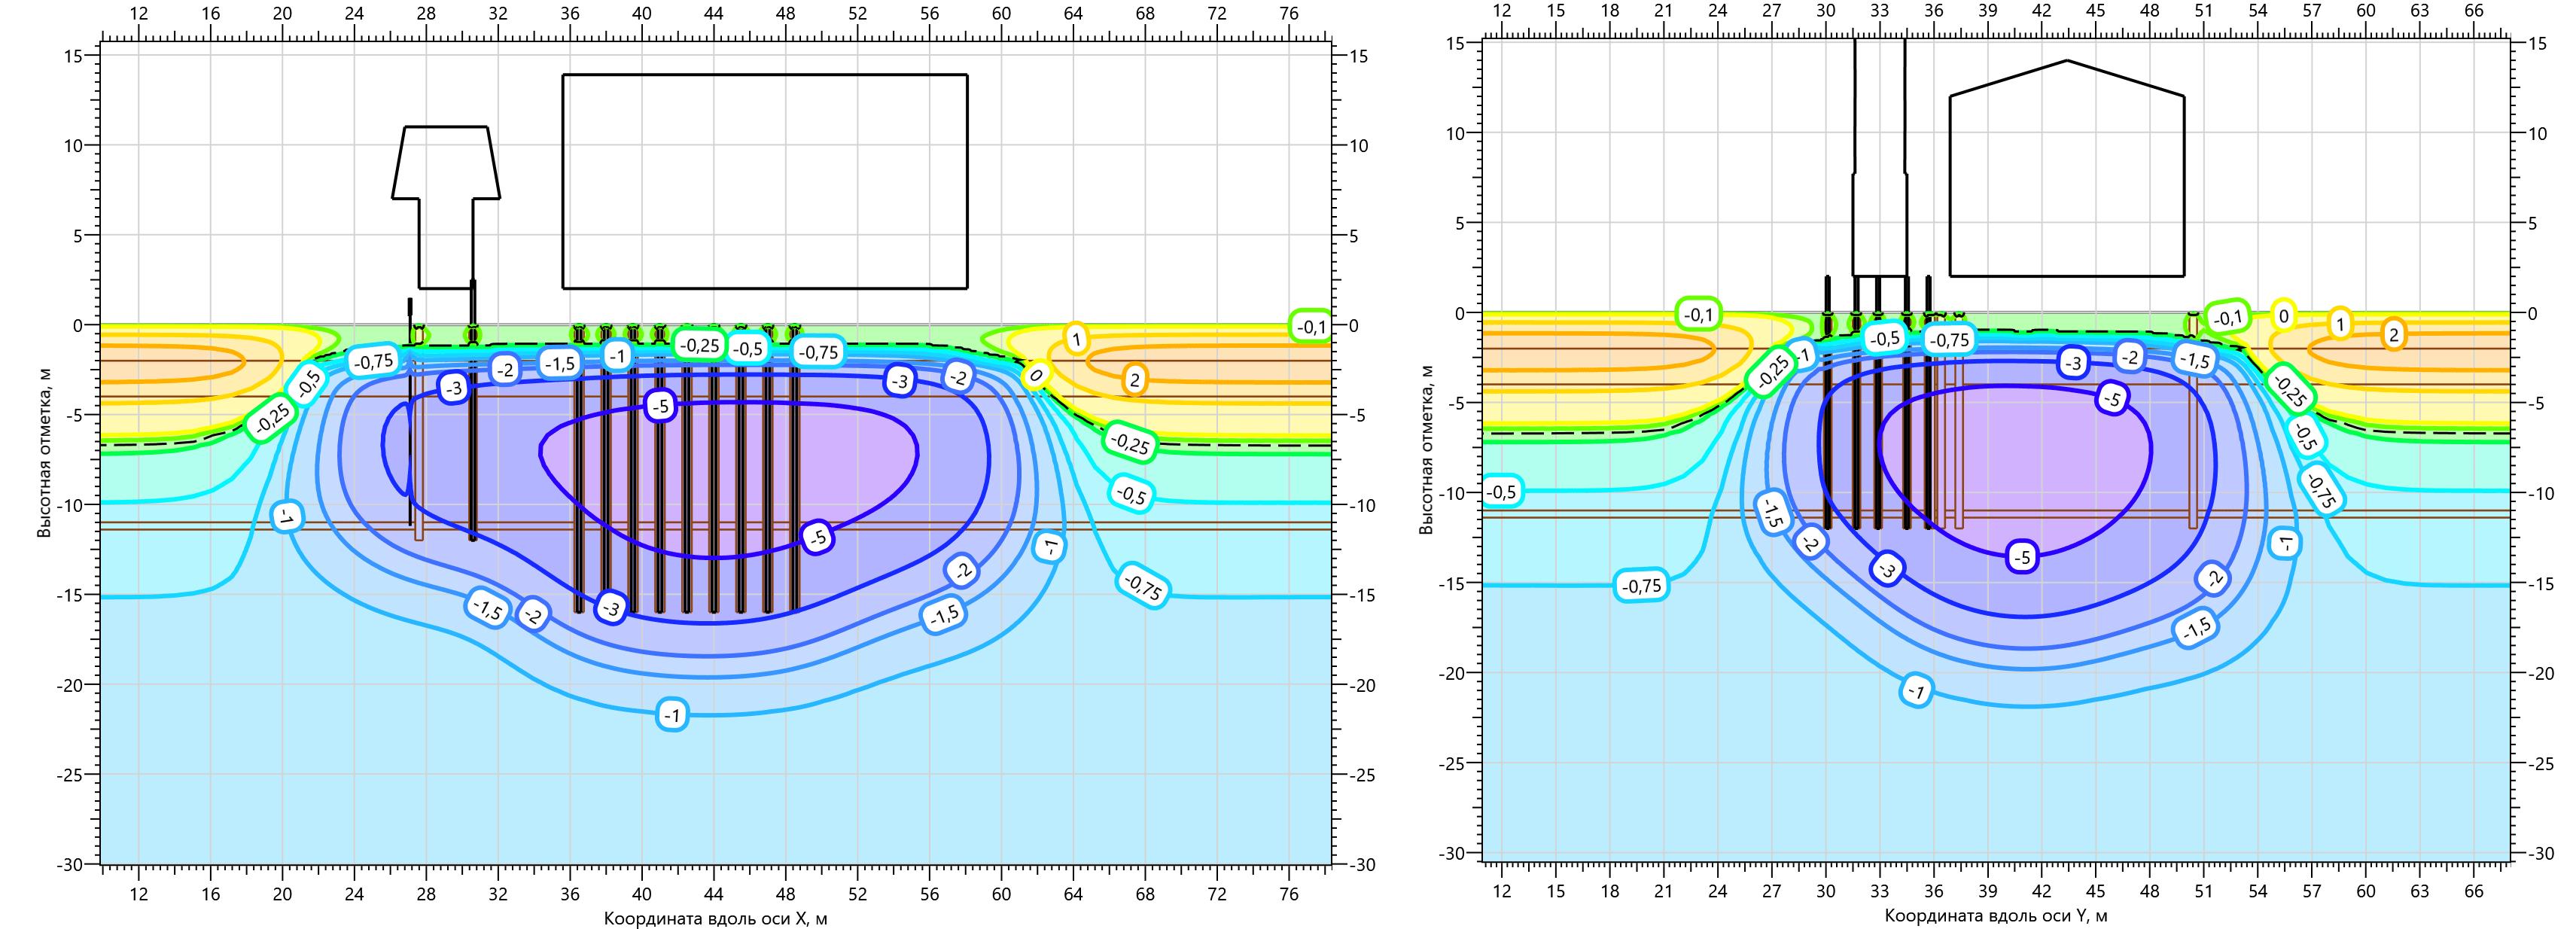 Температурное поле ММГ в основании Газоперекачивающего агрегата на 15.10.2003